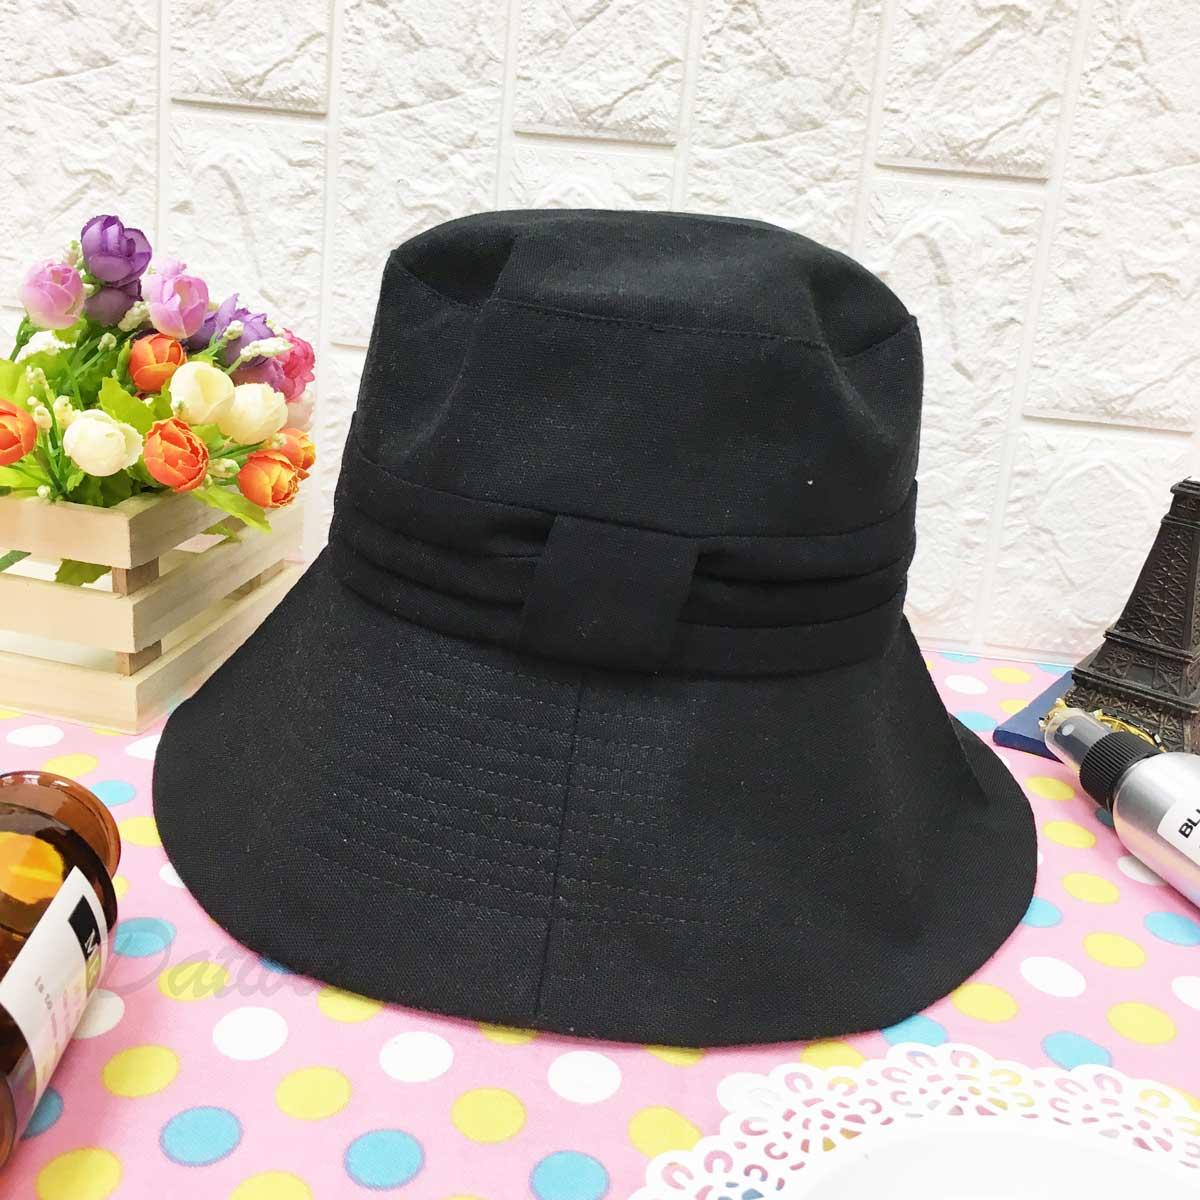 黑色 素面 簡約 帽沿車線 帽子 遮陽帽 淑女帽